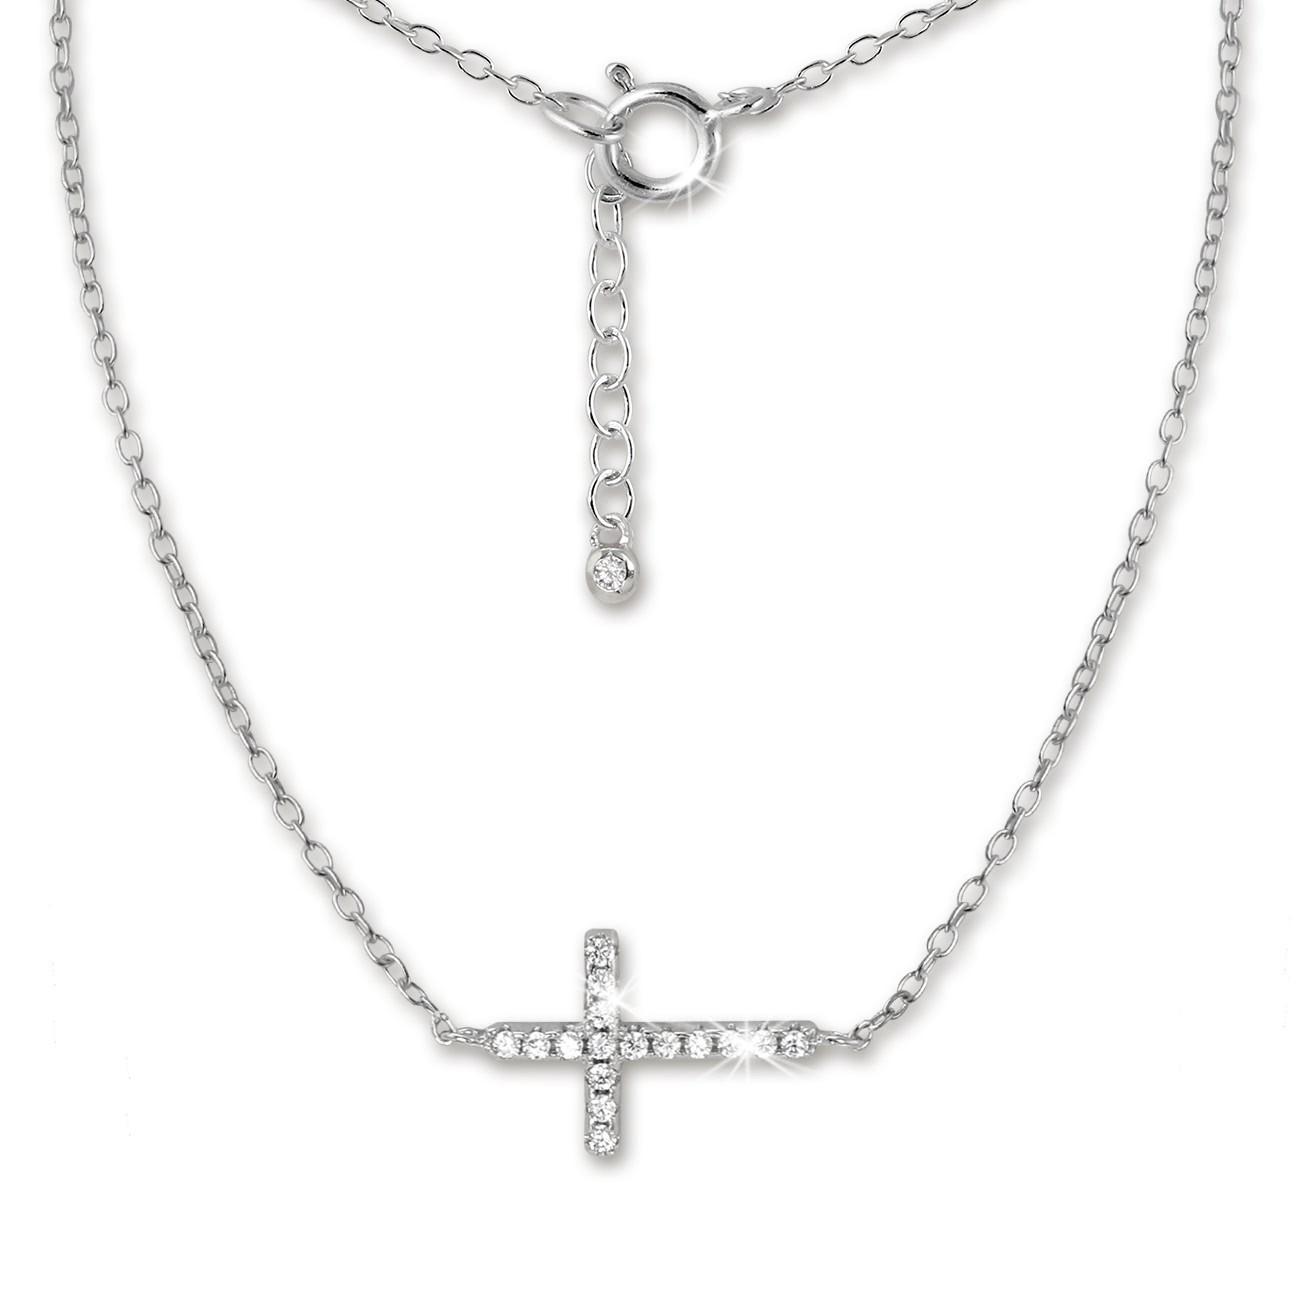 SilberDream Kette Kreuz Zirkonia weiß 925er Silber 43-46cm Halskette GSK402W